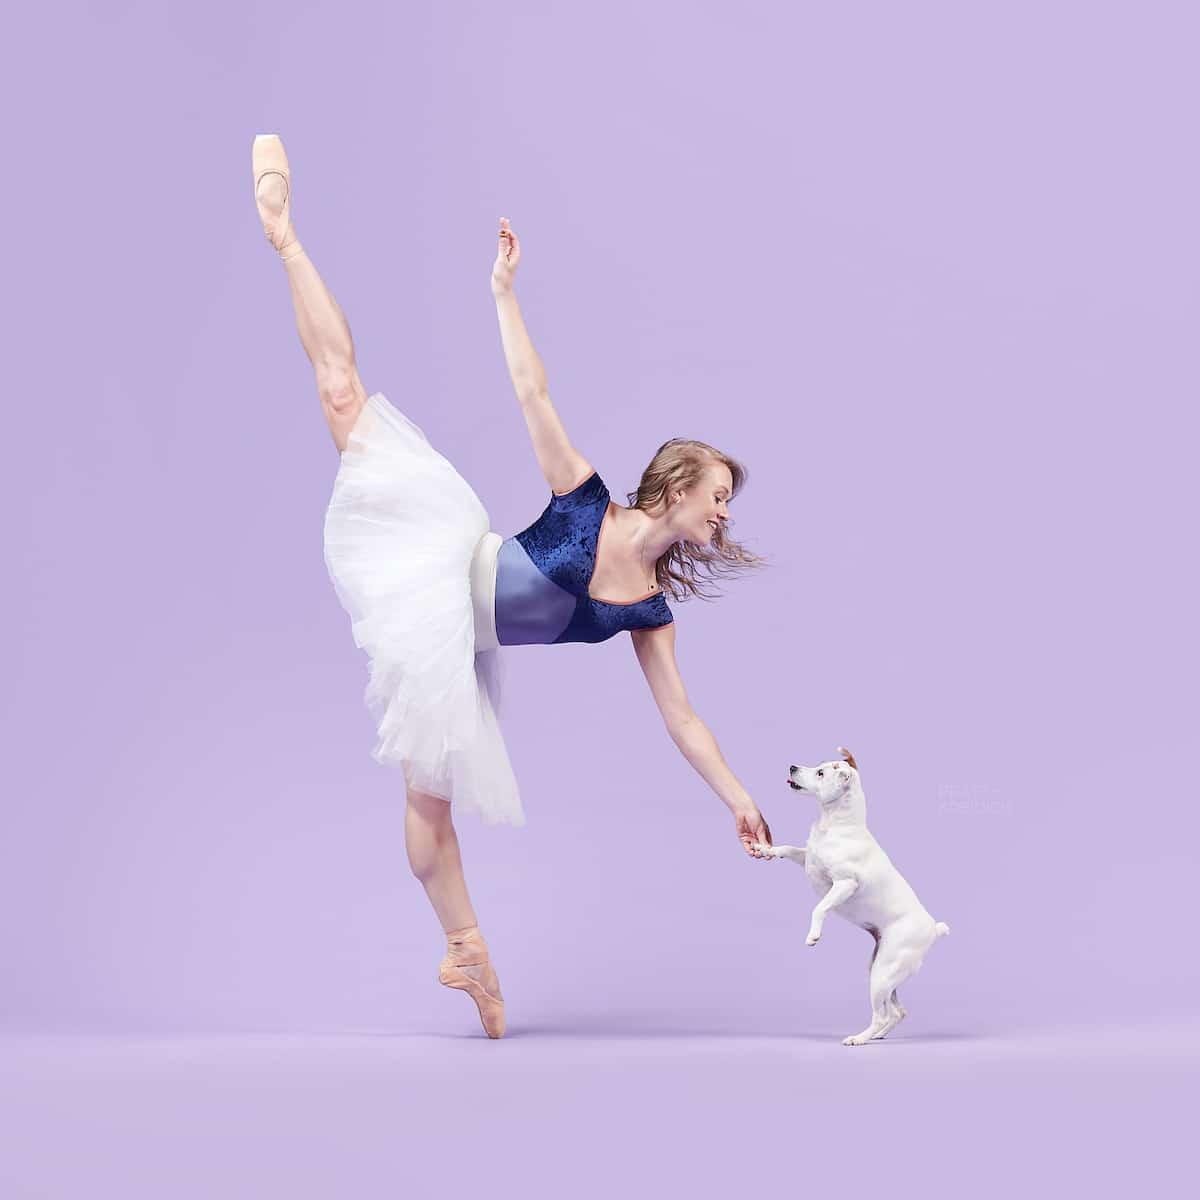 댄서와 강아지의 아름다움을 담은  Dancers와 Dogs 사진시리즈